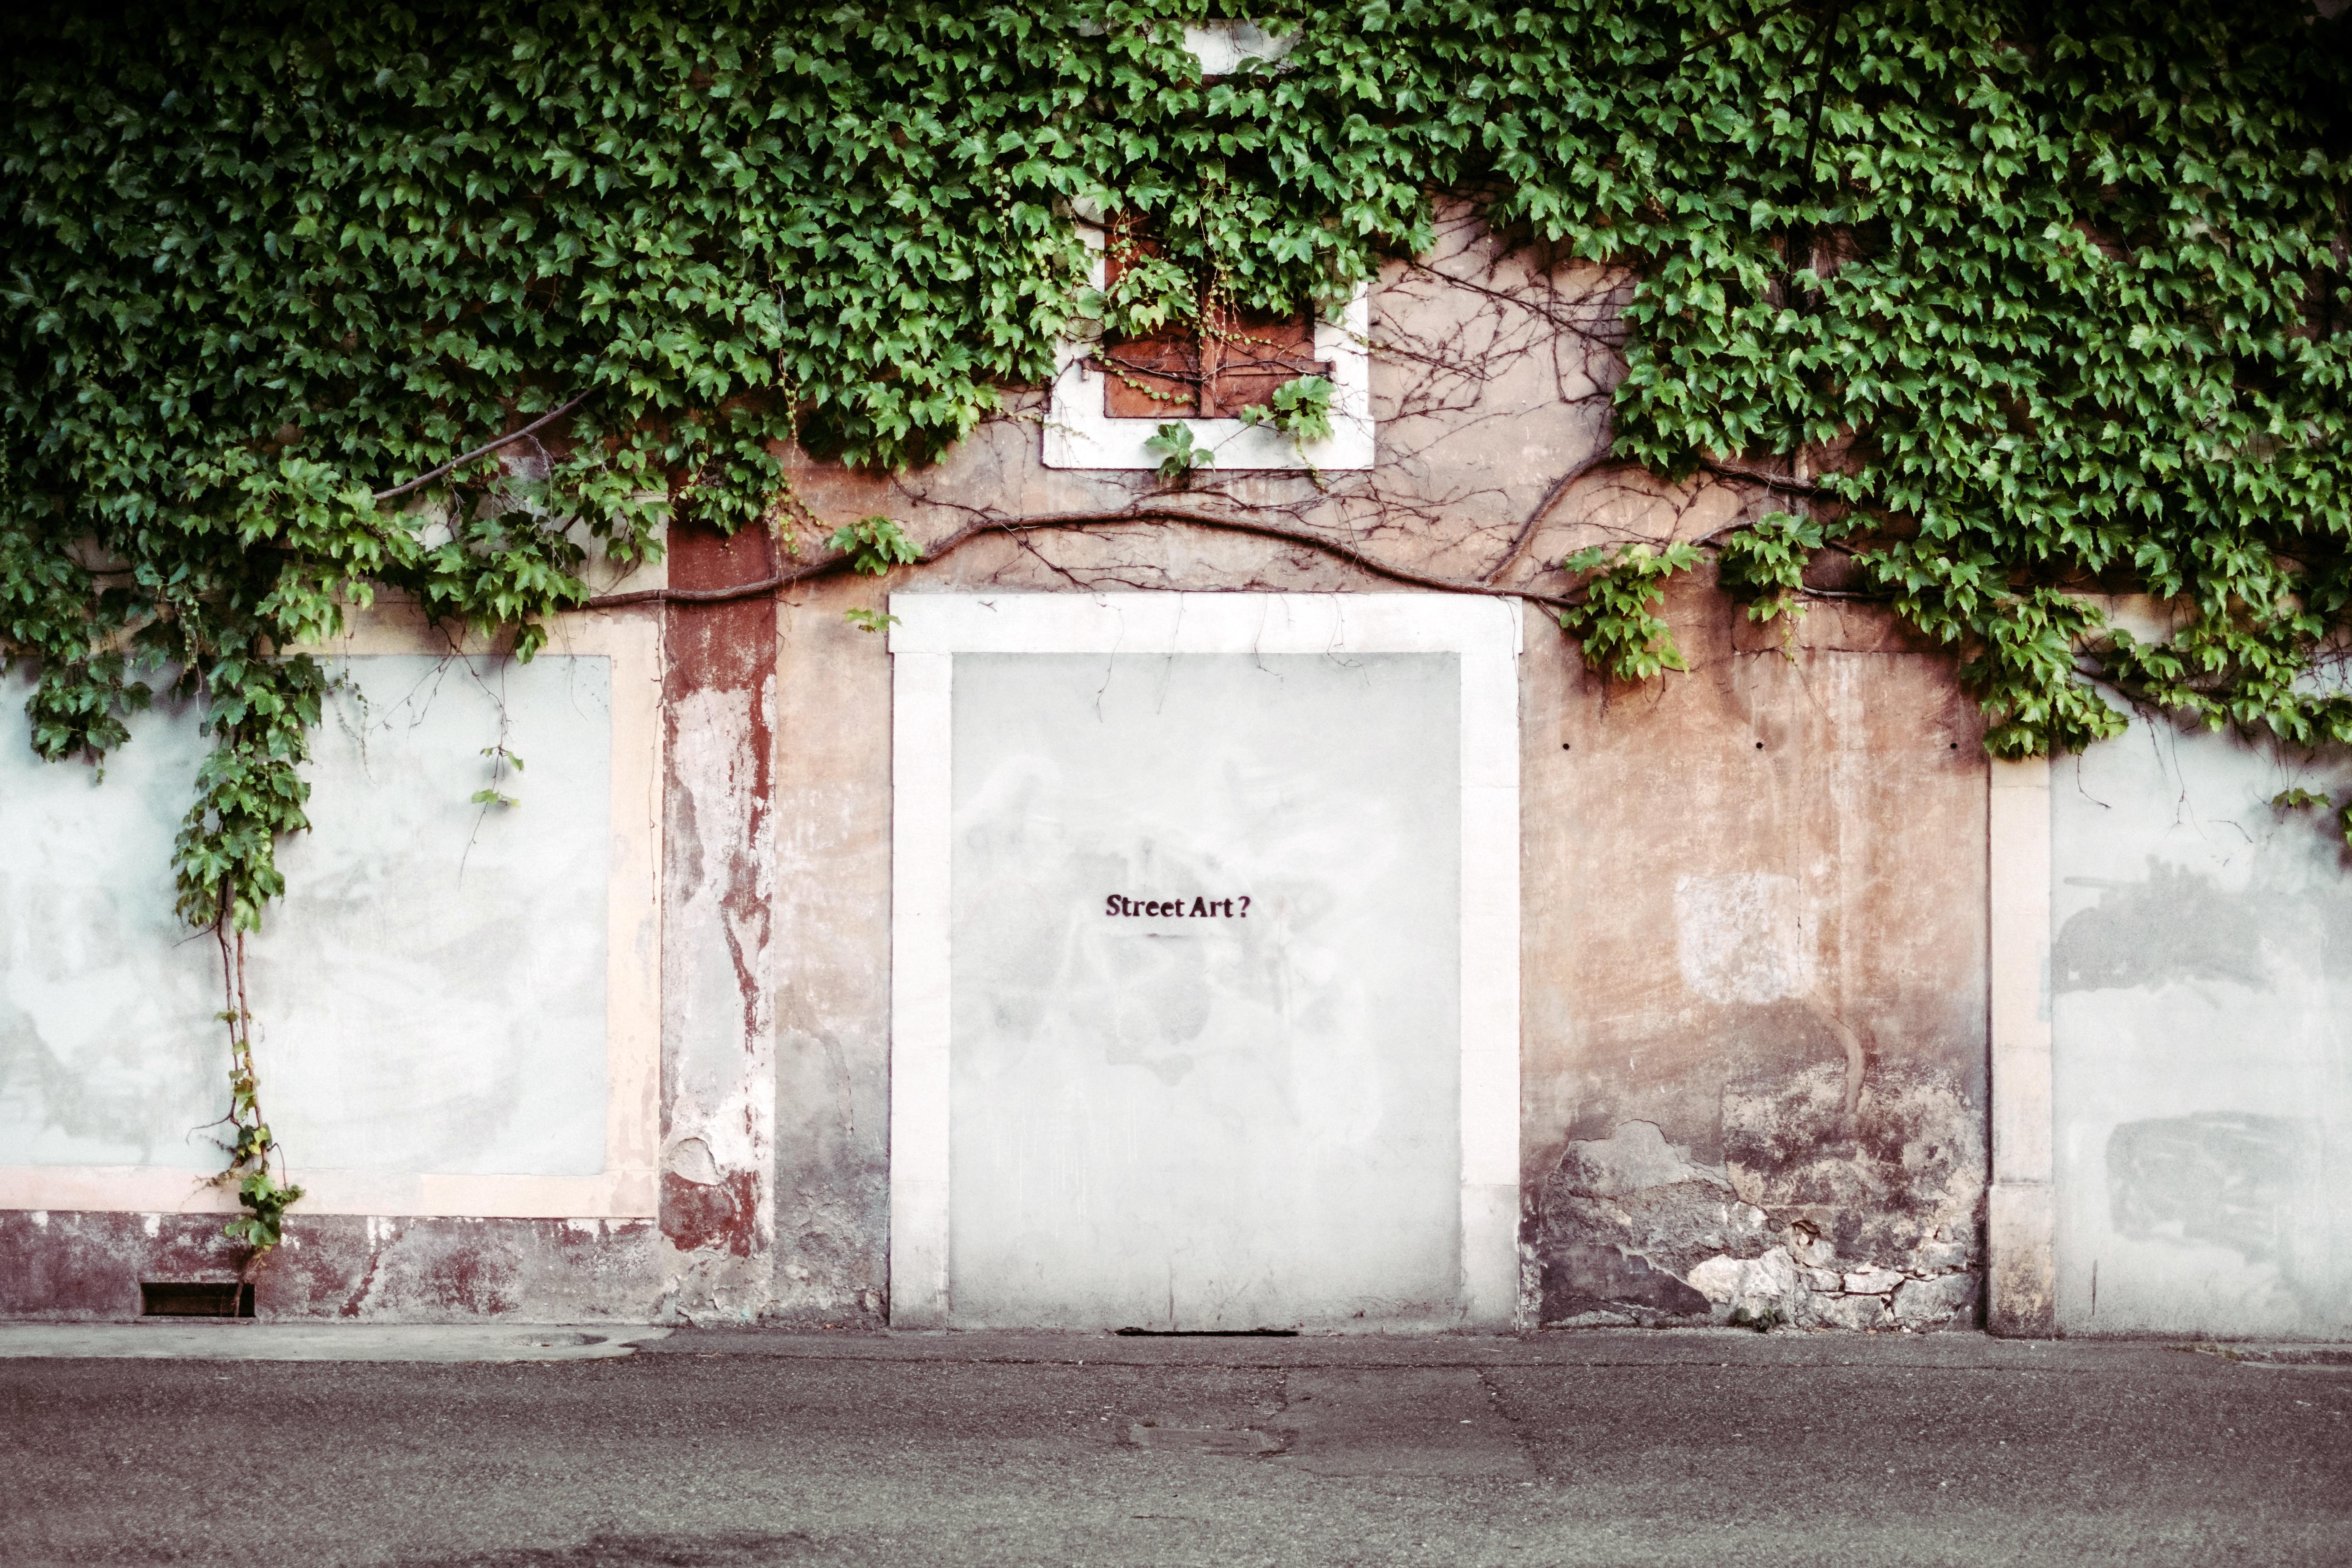 Straße Haus Textur Fenster Zuhause Mauer Grün Farbe Fassade Tür  Straßenkunst Foto Stadtgebiet